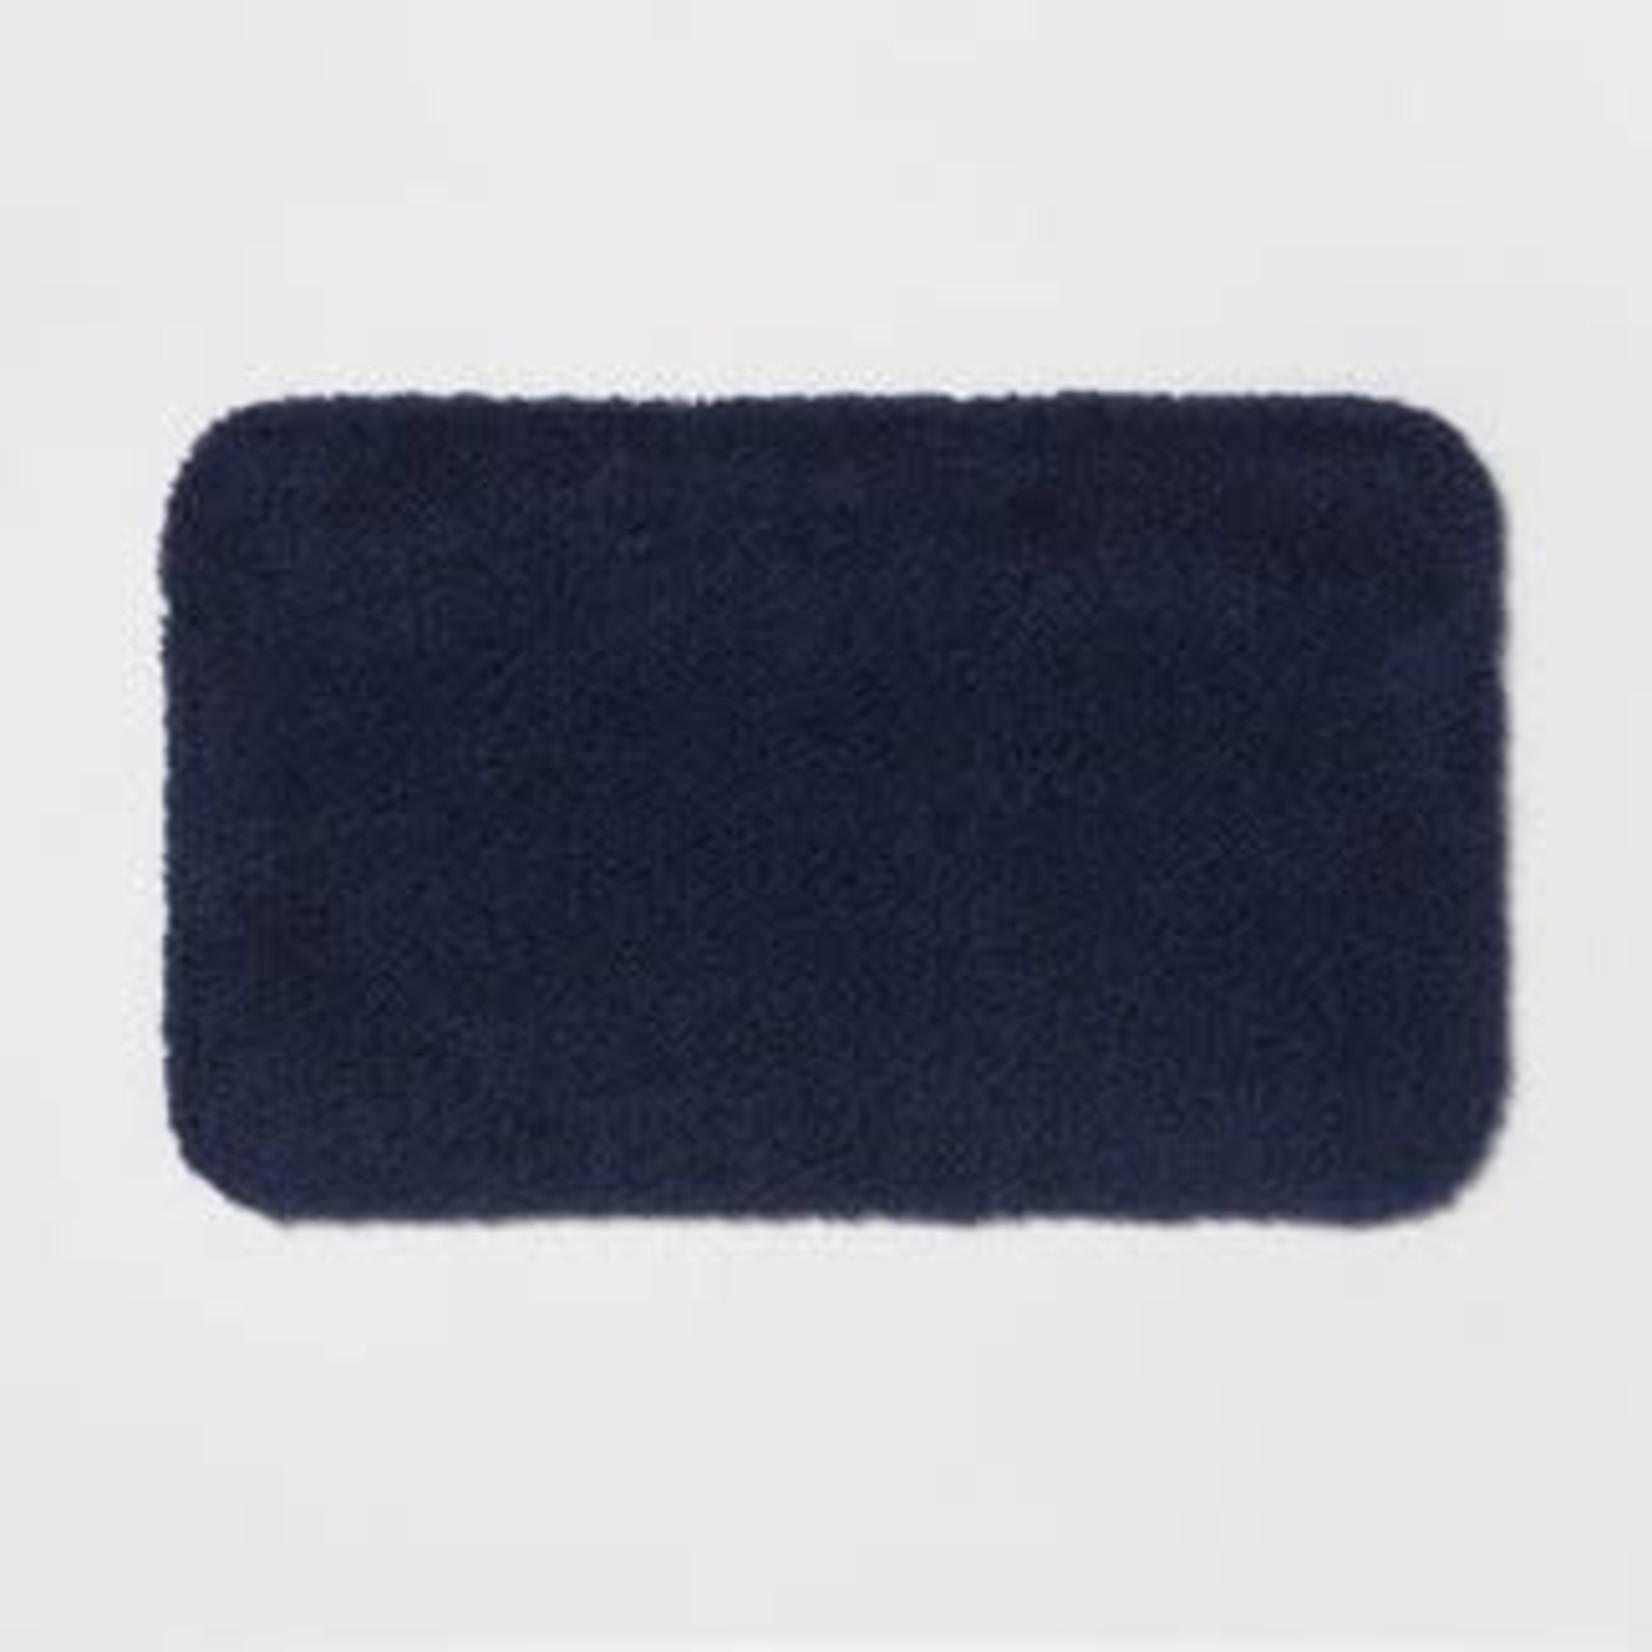 Perfectly Soft Nylon Solid Bath Rug - Opalhouse 20x34